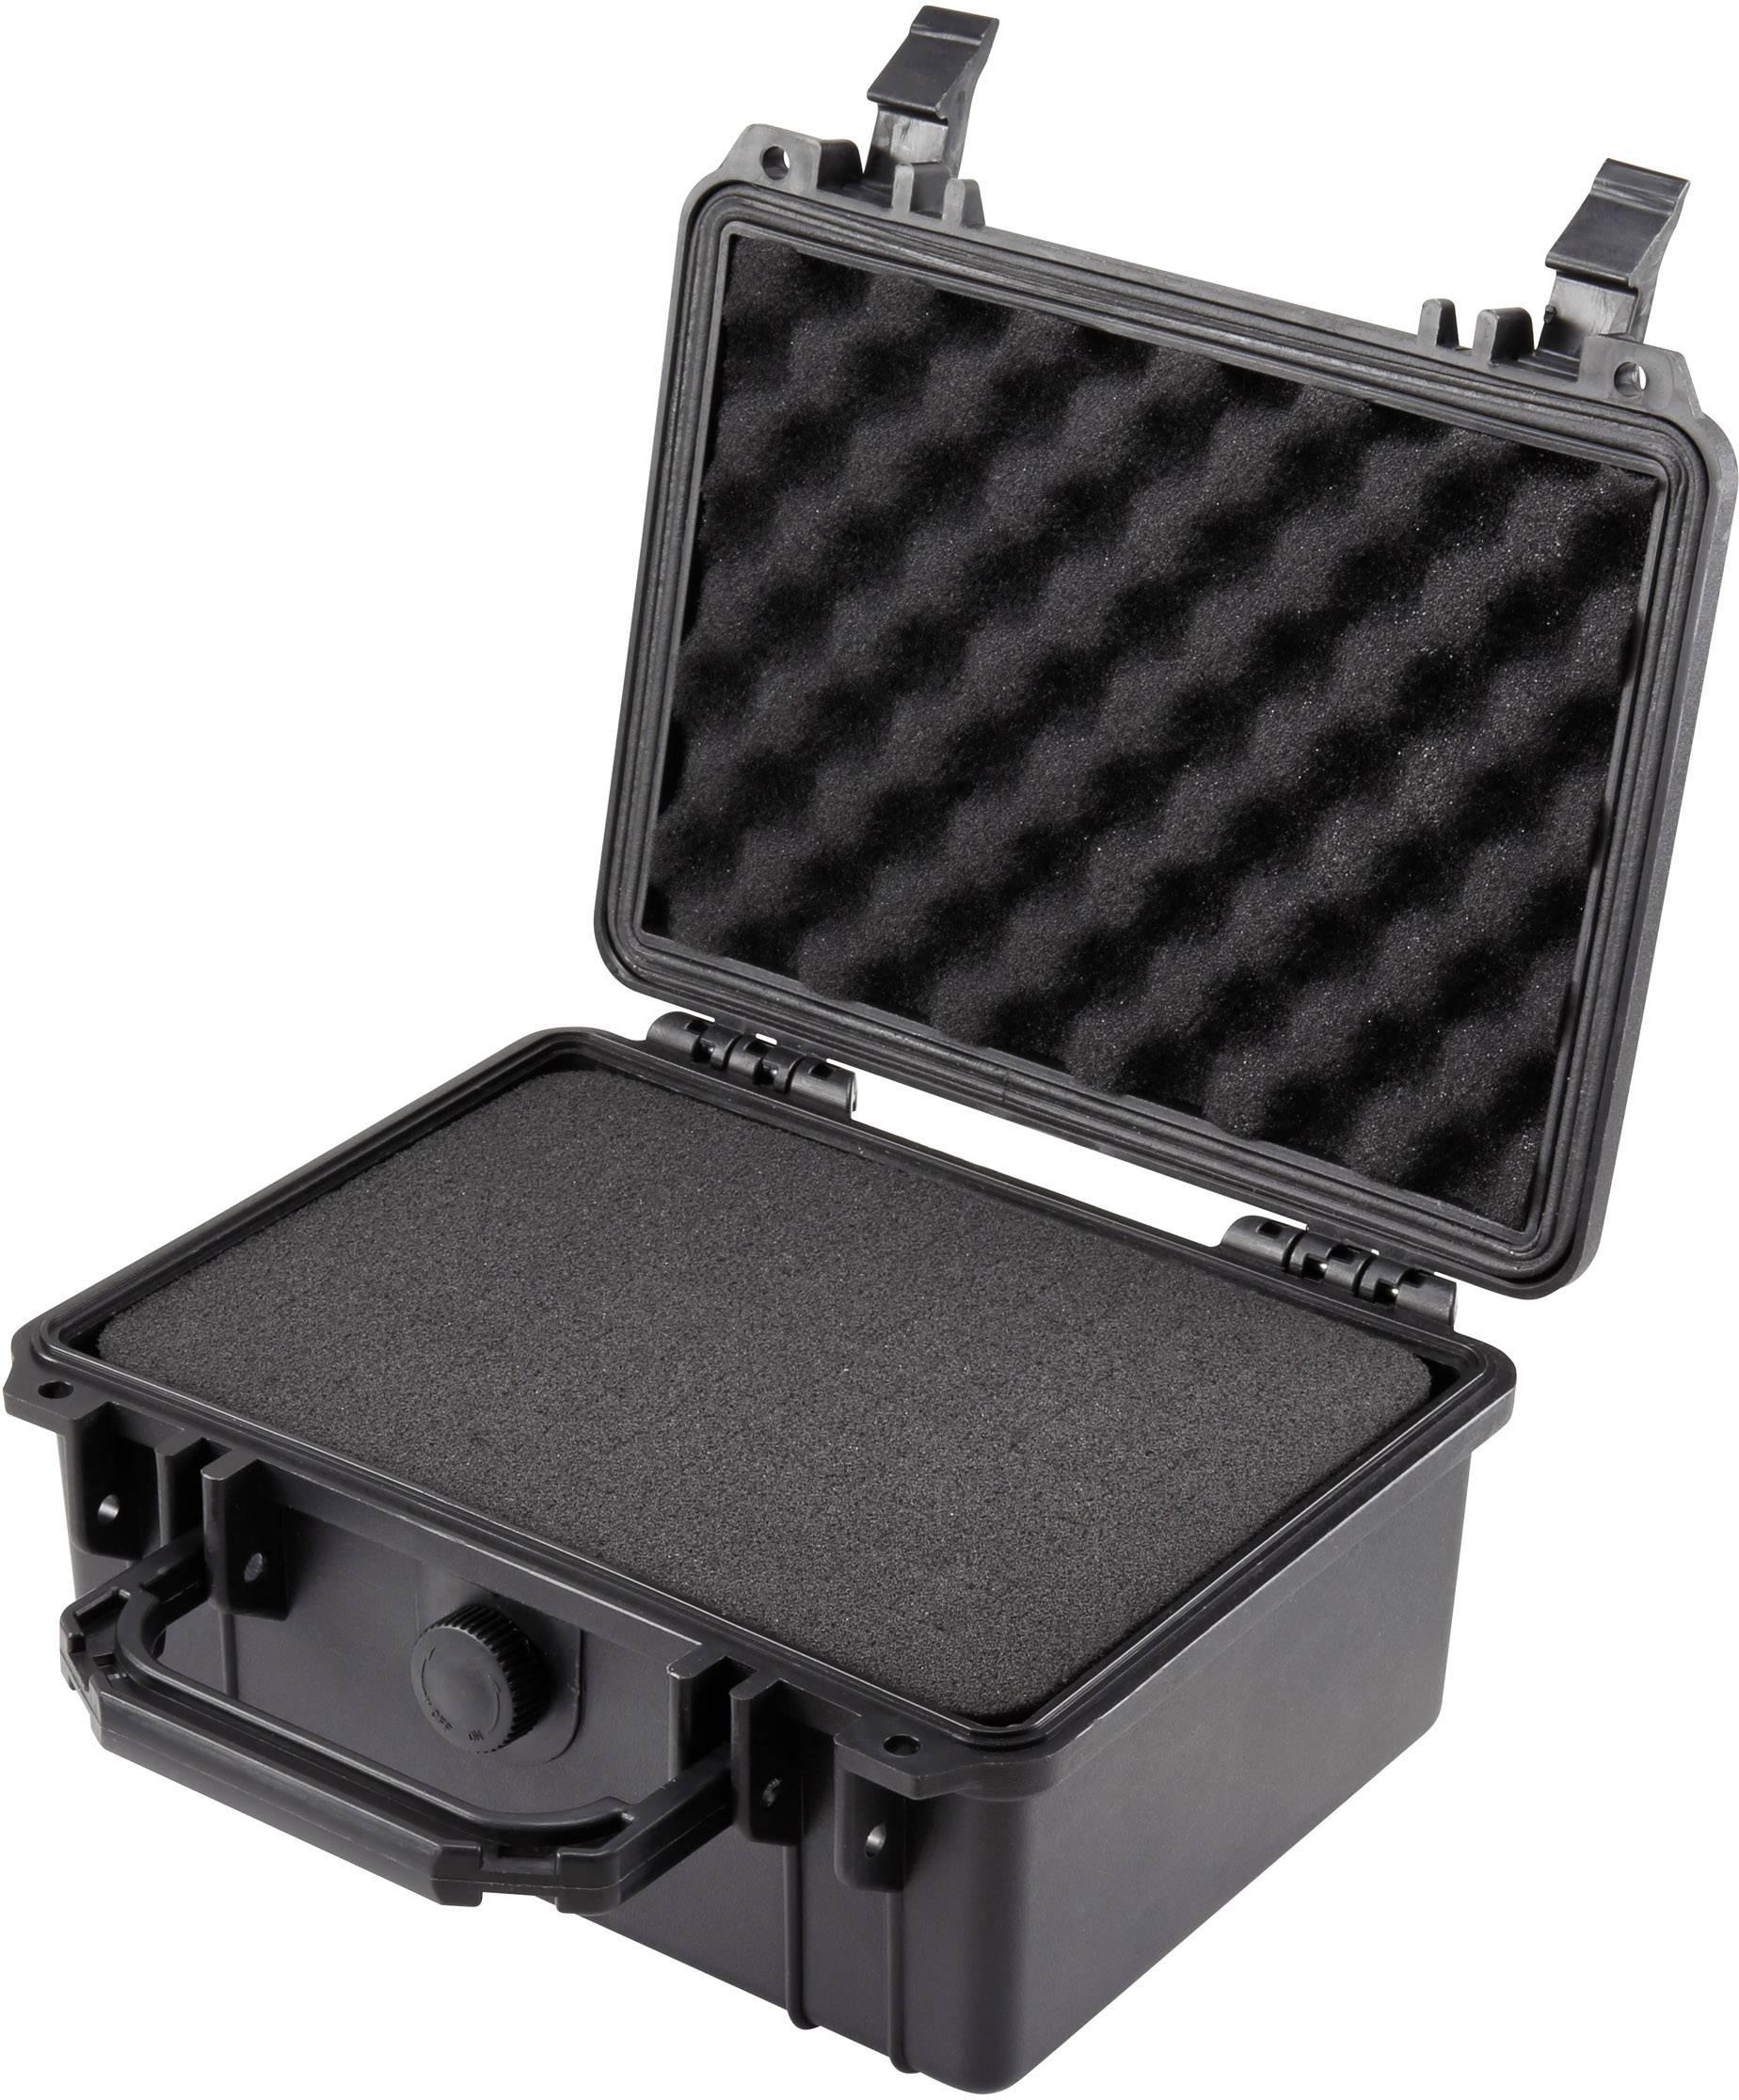 Kufrík na náradie Basetech 1310218, (d x š x v) 240 x 195 x 112 mm